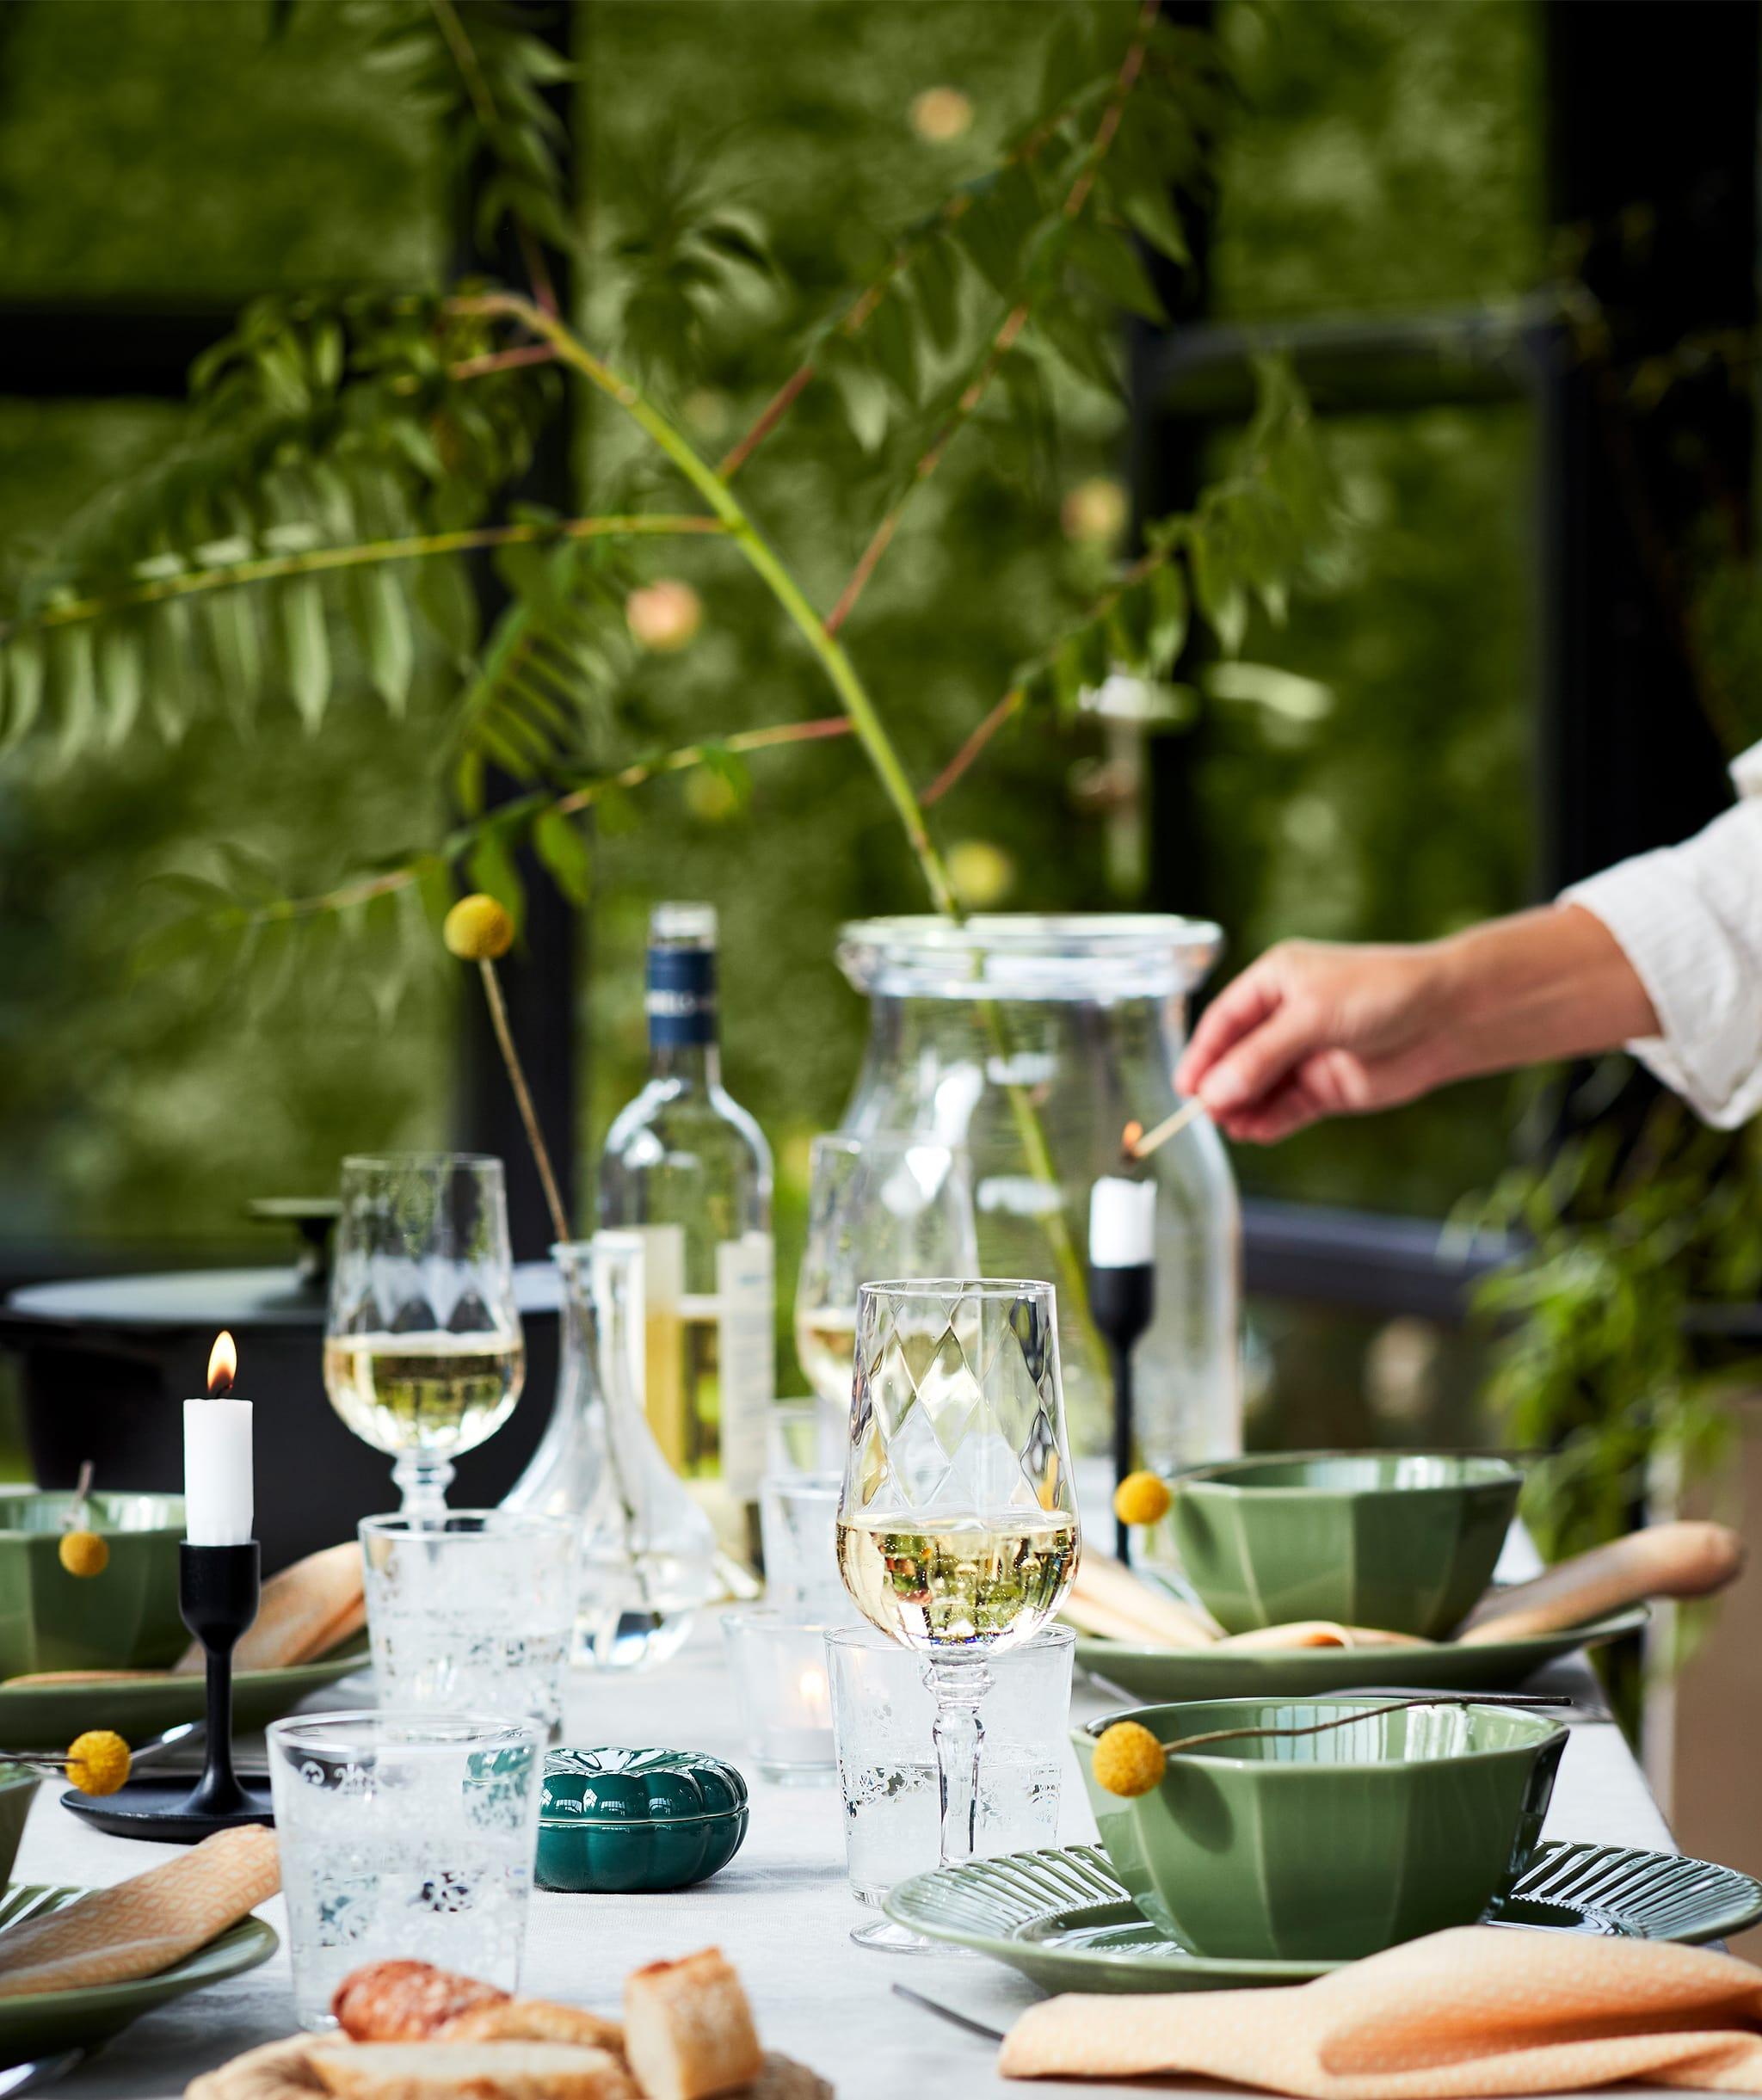 Meja yang ditata dengan baik untuk makan malam di luar ruangan dengan piring hijau, gelas anggur, lilin, dan banyak lagi. Tampil dengan suasana alam.